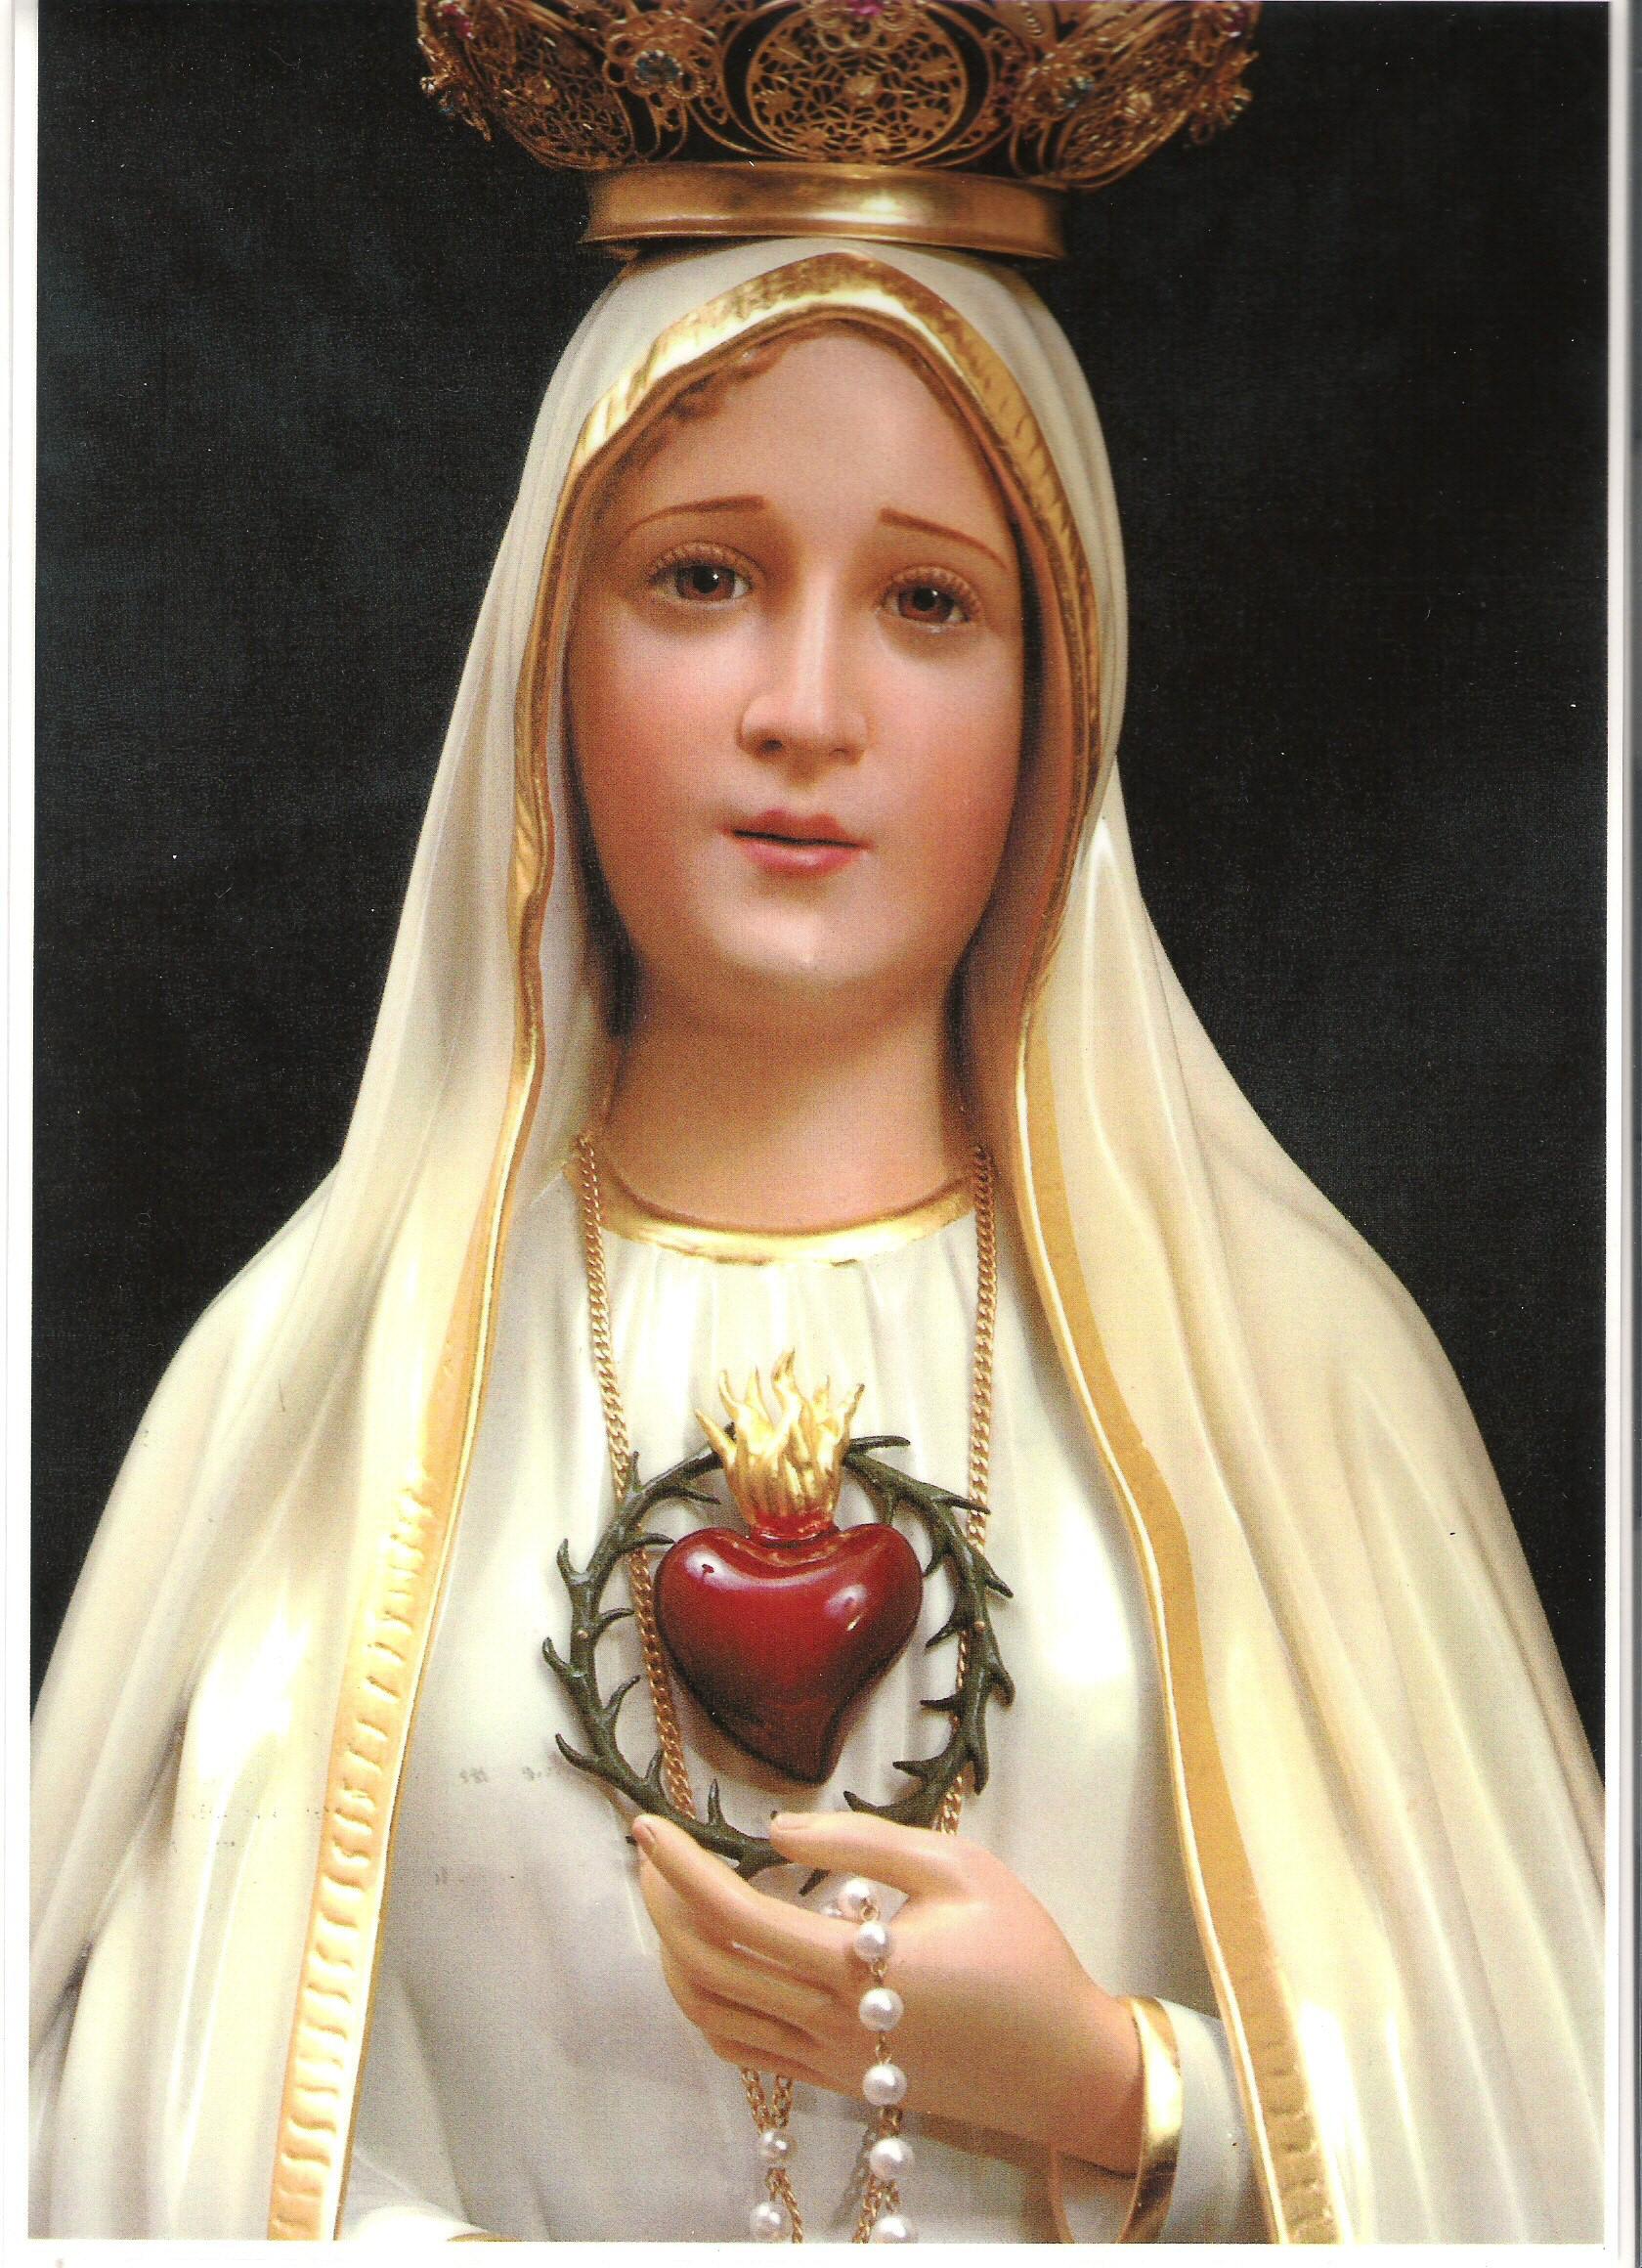 Agrigento ricorda oggi la prima apparizione di Fatima